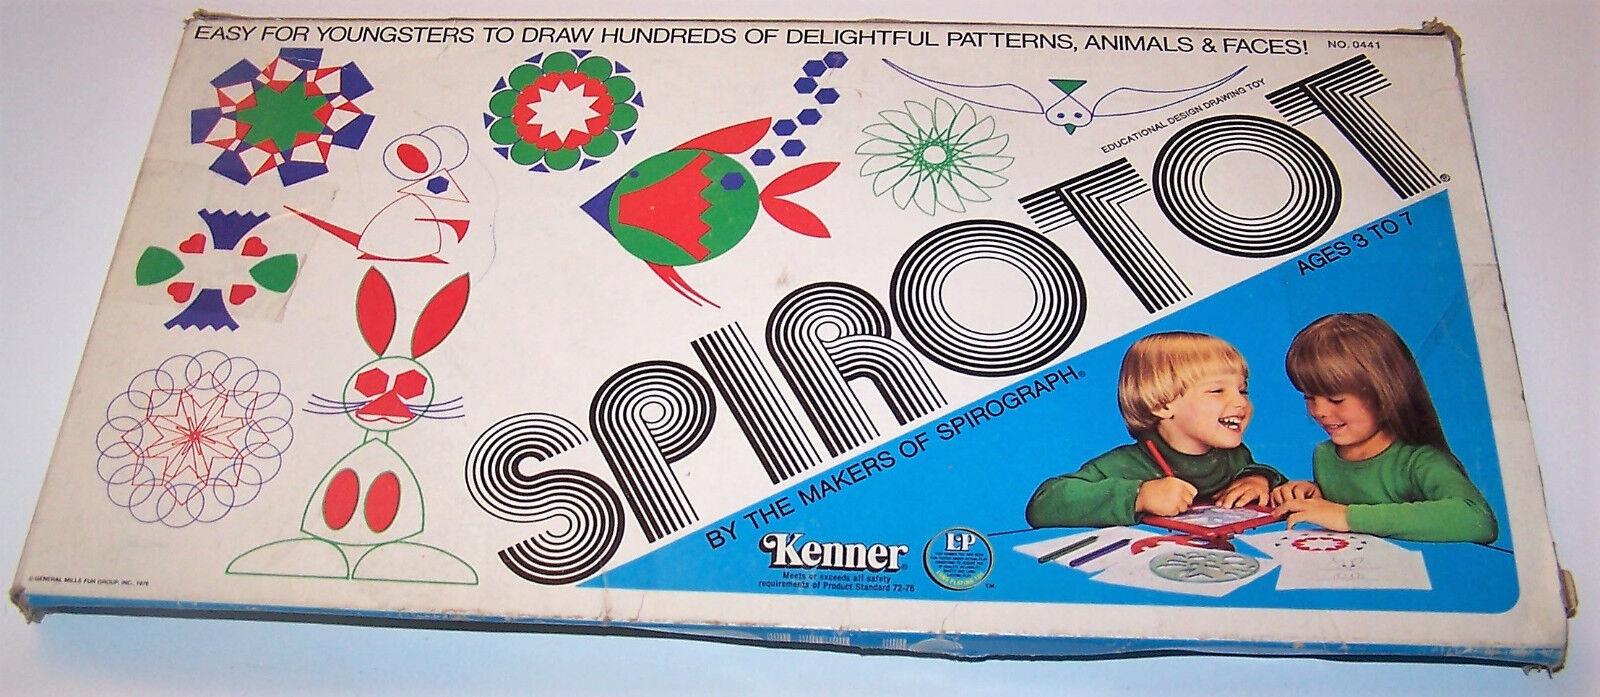 Jahrgang 1976 spirotot bildungs - spiel kenner kenner kenner spielzeug   0441 im kasten b81f9e